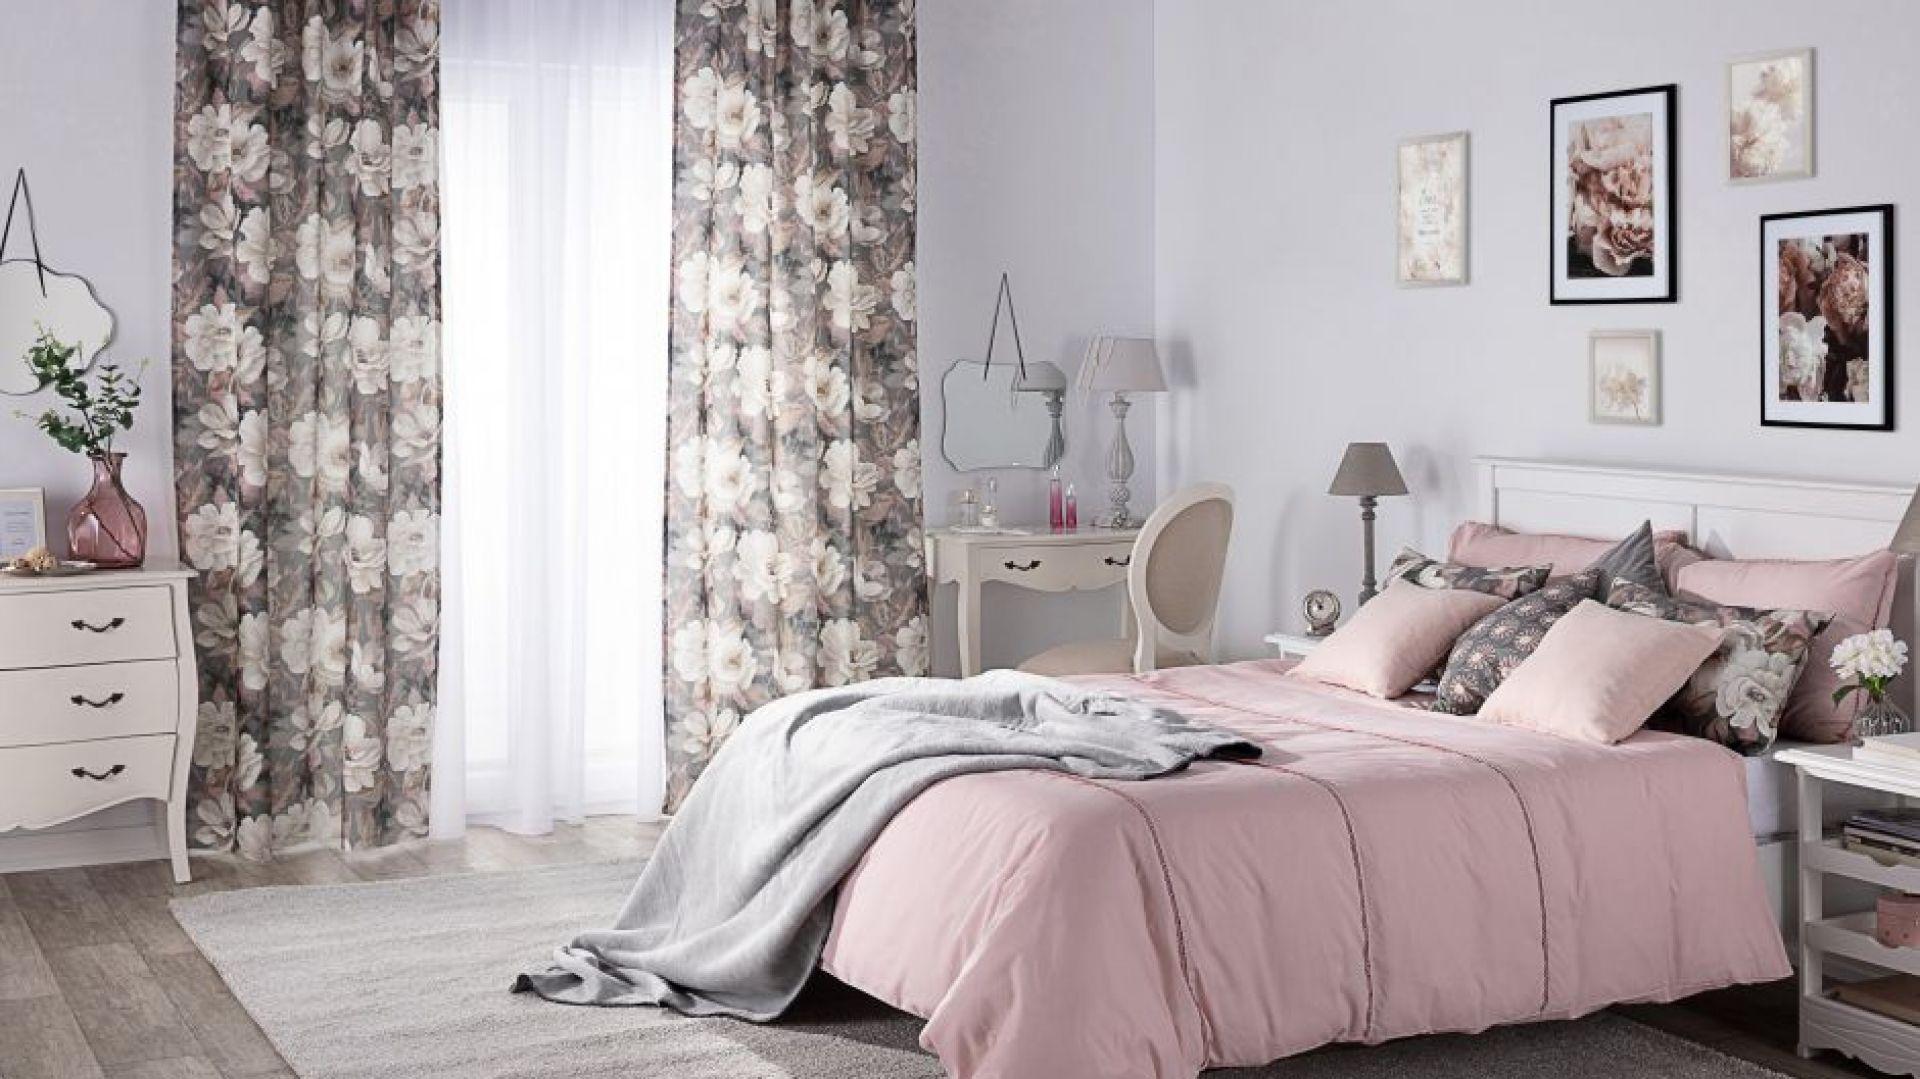 Aranżacja sypialni - zasłona na szelkach i poszewki Kinga na poduszki, kolekcja tkanin Gardenia. Fot. Dekoria